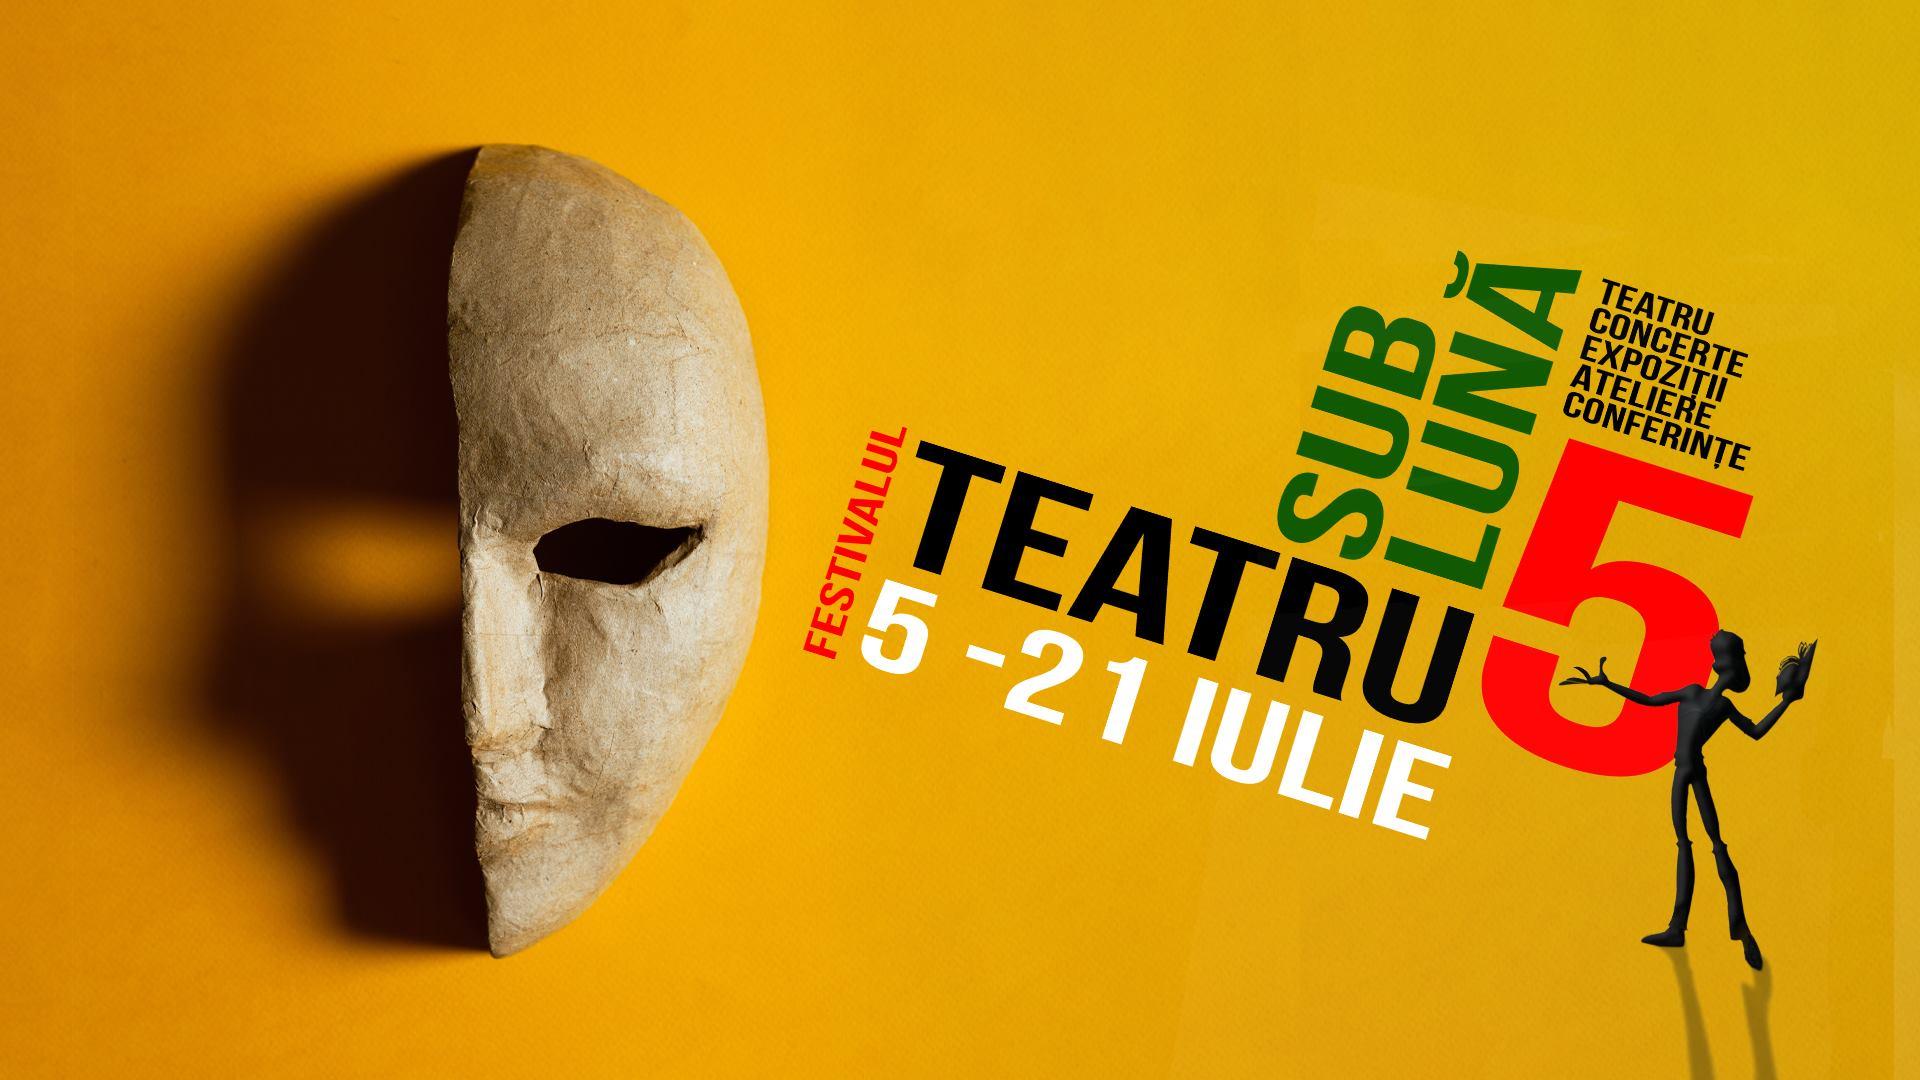 Festivalul Teatru sub lună #5